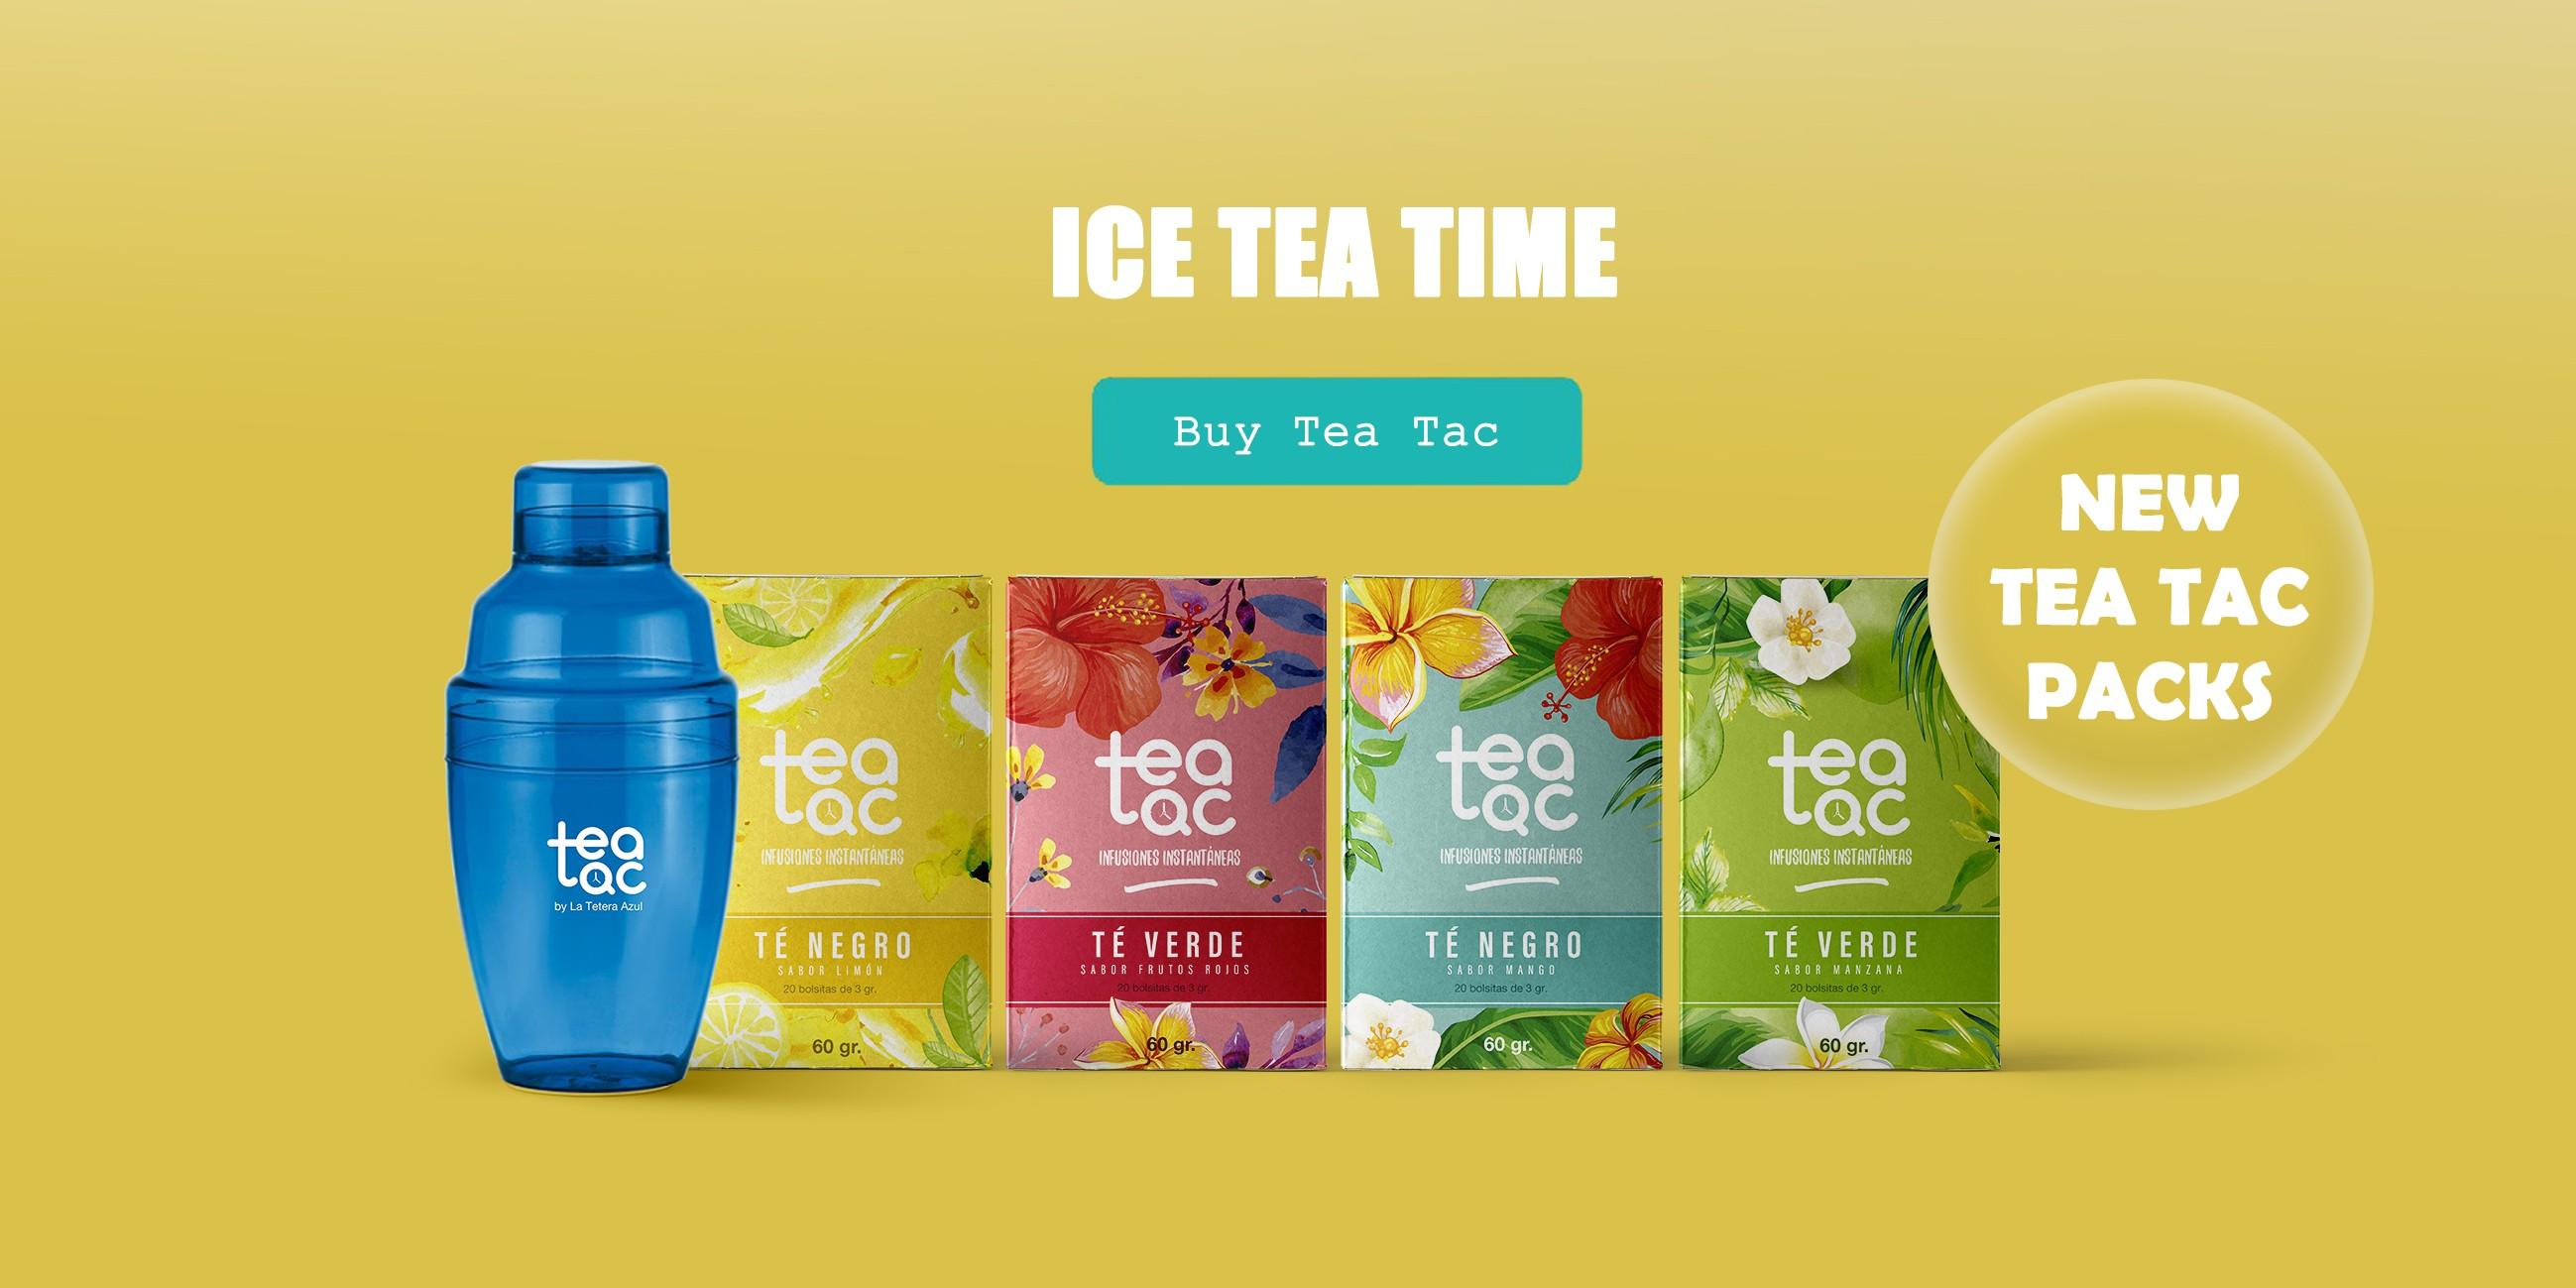 Tea Tac